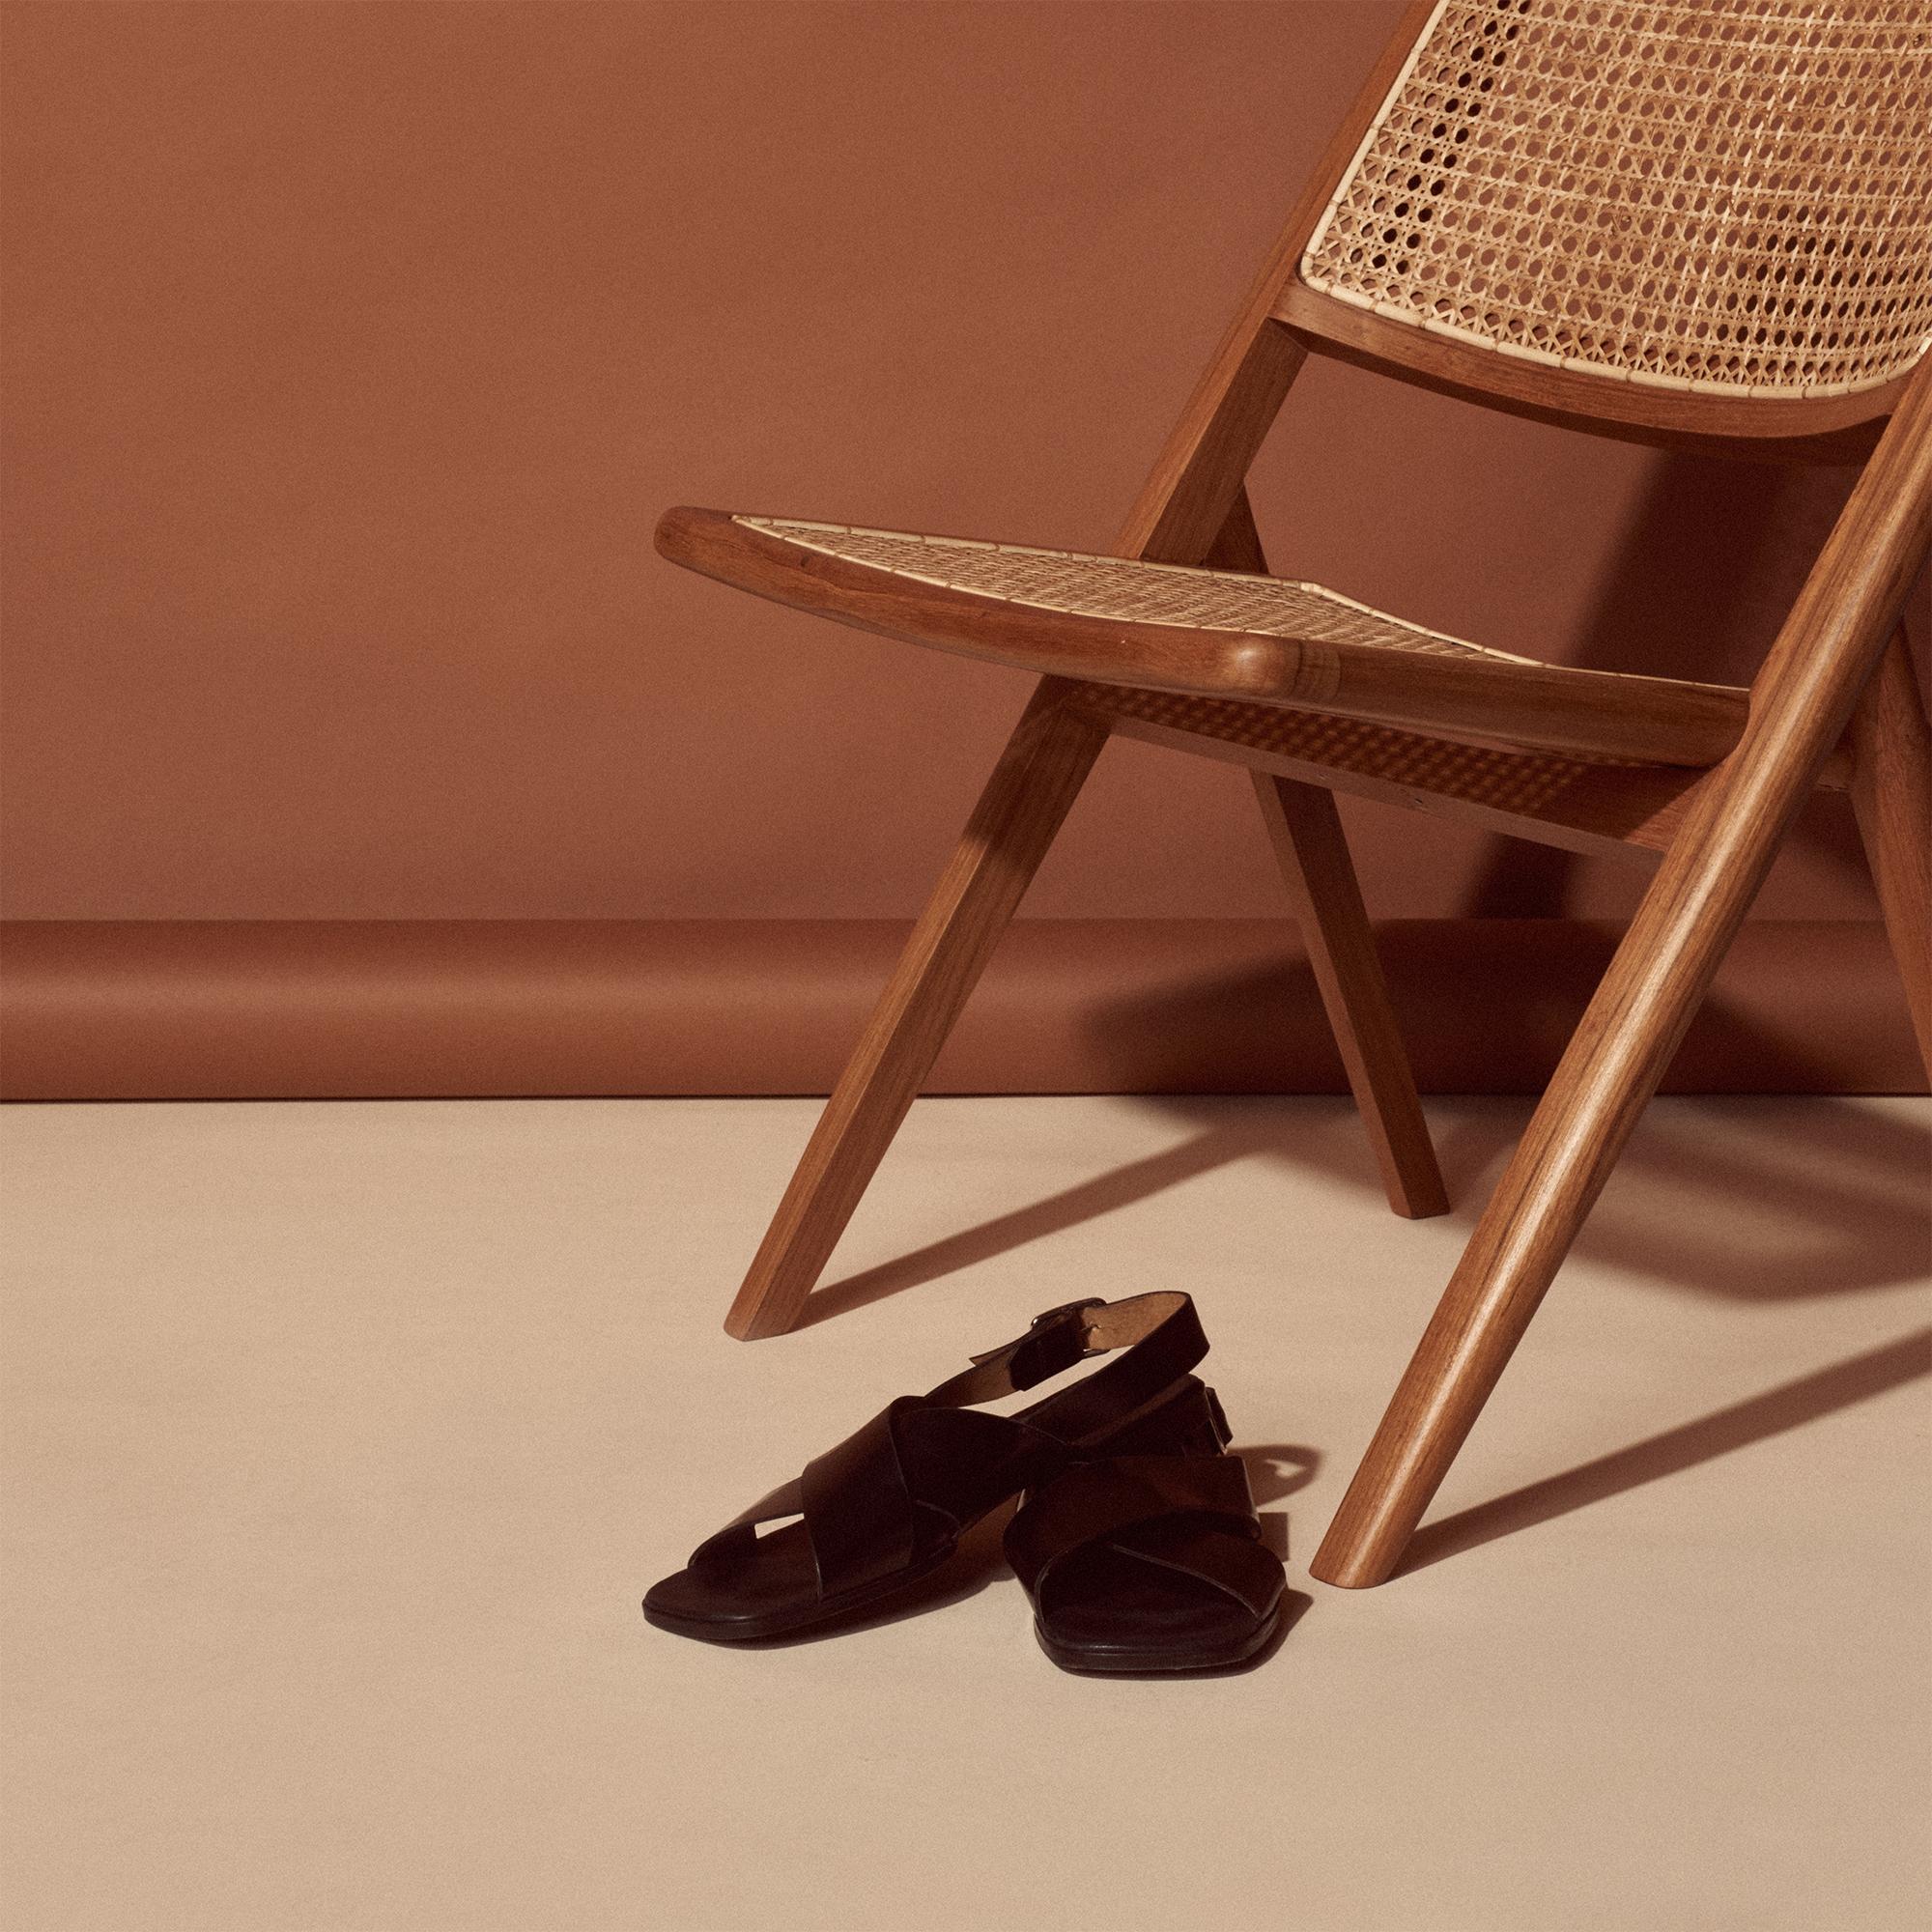 Sandali minimalisti in pelle : Sandro x Mr Porter colore Nero